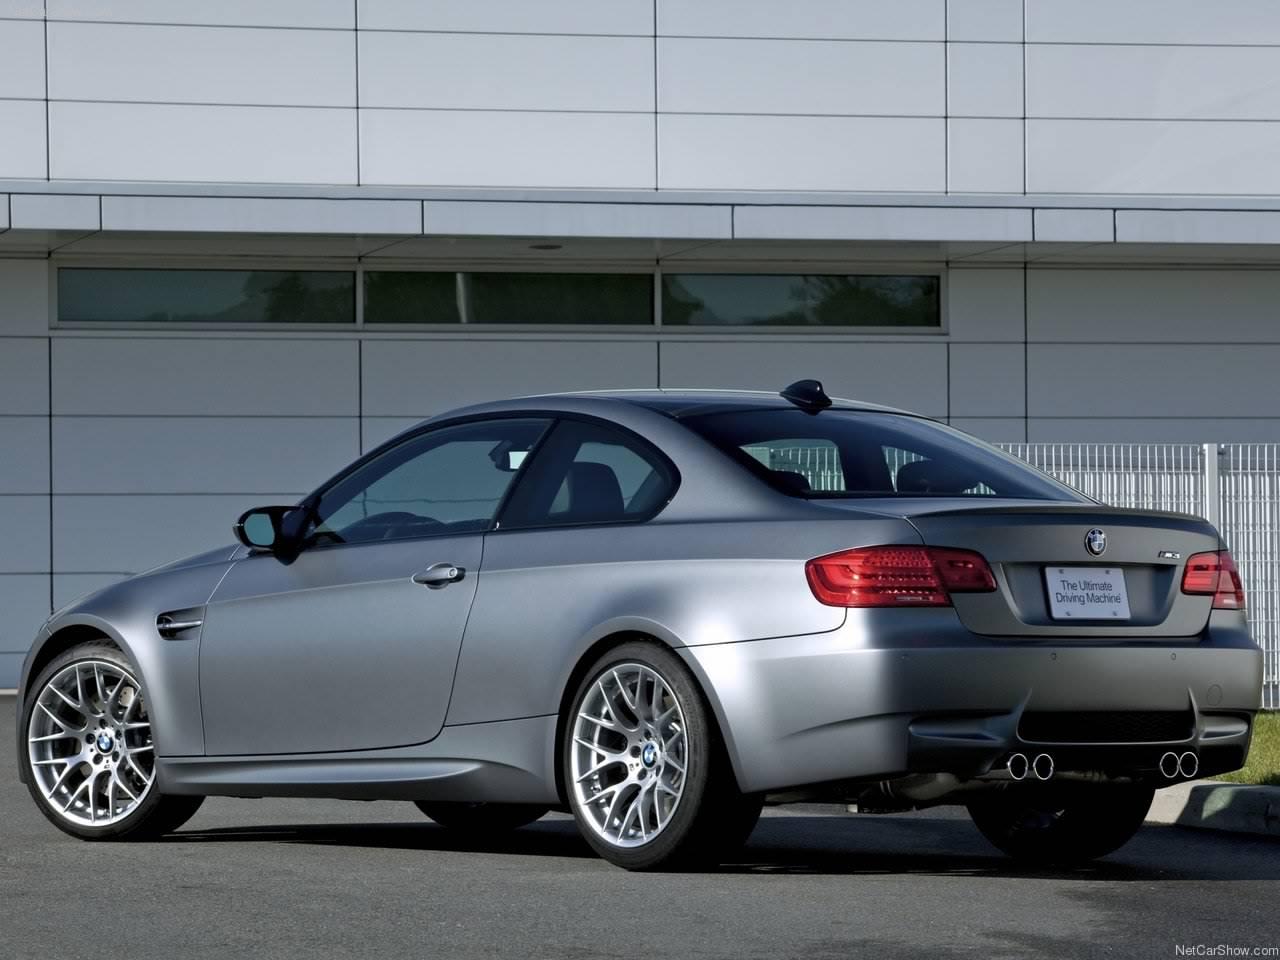 http://2.bp.blogspot.com/_lsyt_wQ2awY/TDRBxwQcAtI/AAAAAAAB7Cw/86PJ1ebjYMI/s1600/BMW-M3_Frozen_Gray_2011_1280x960_wallpaper_07.jpg